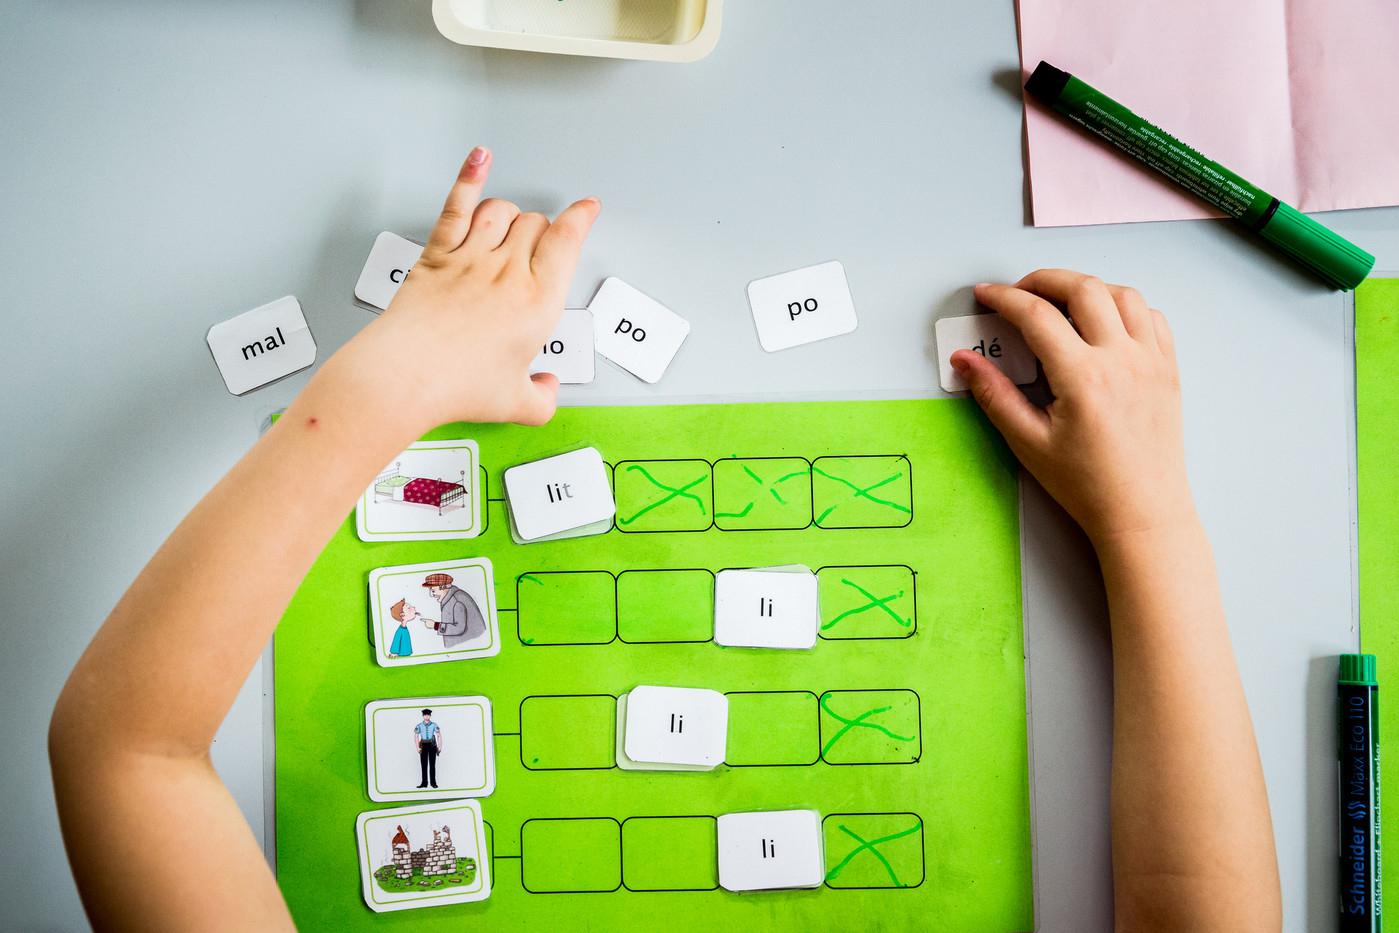 Le Langage Des Petits, Grande Priorité De La Maternelle encequiconcerne Jeux En Ligne Maternelle Petite Section